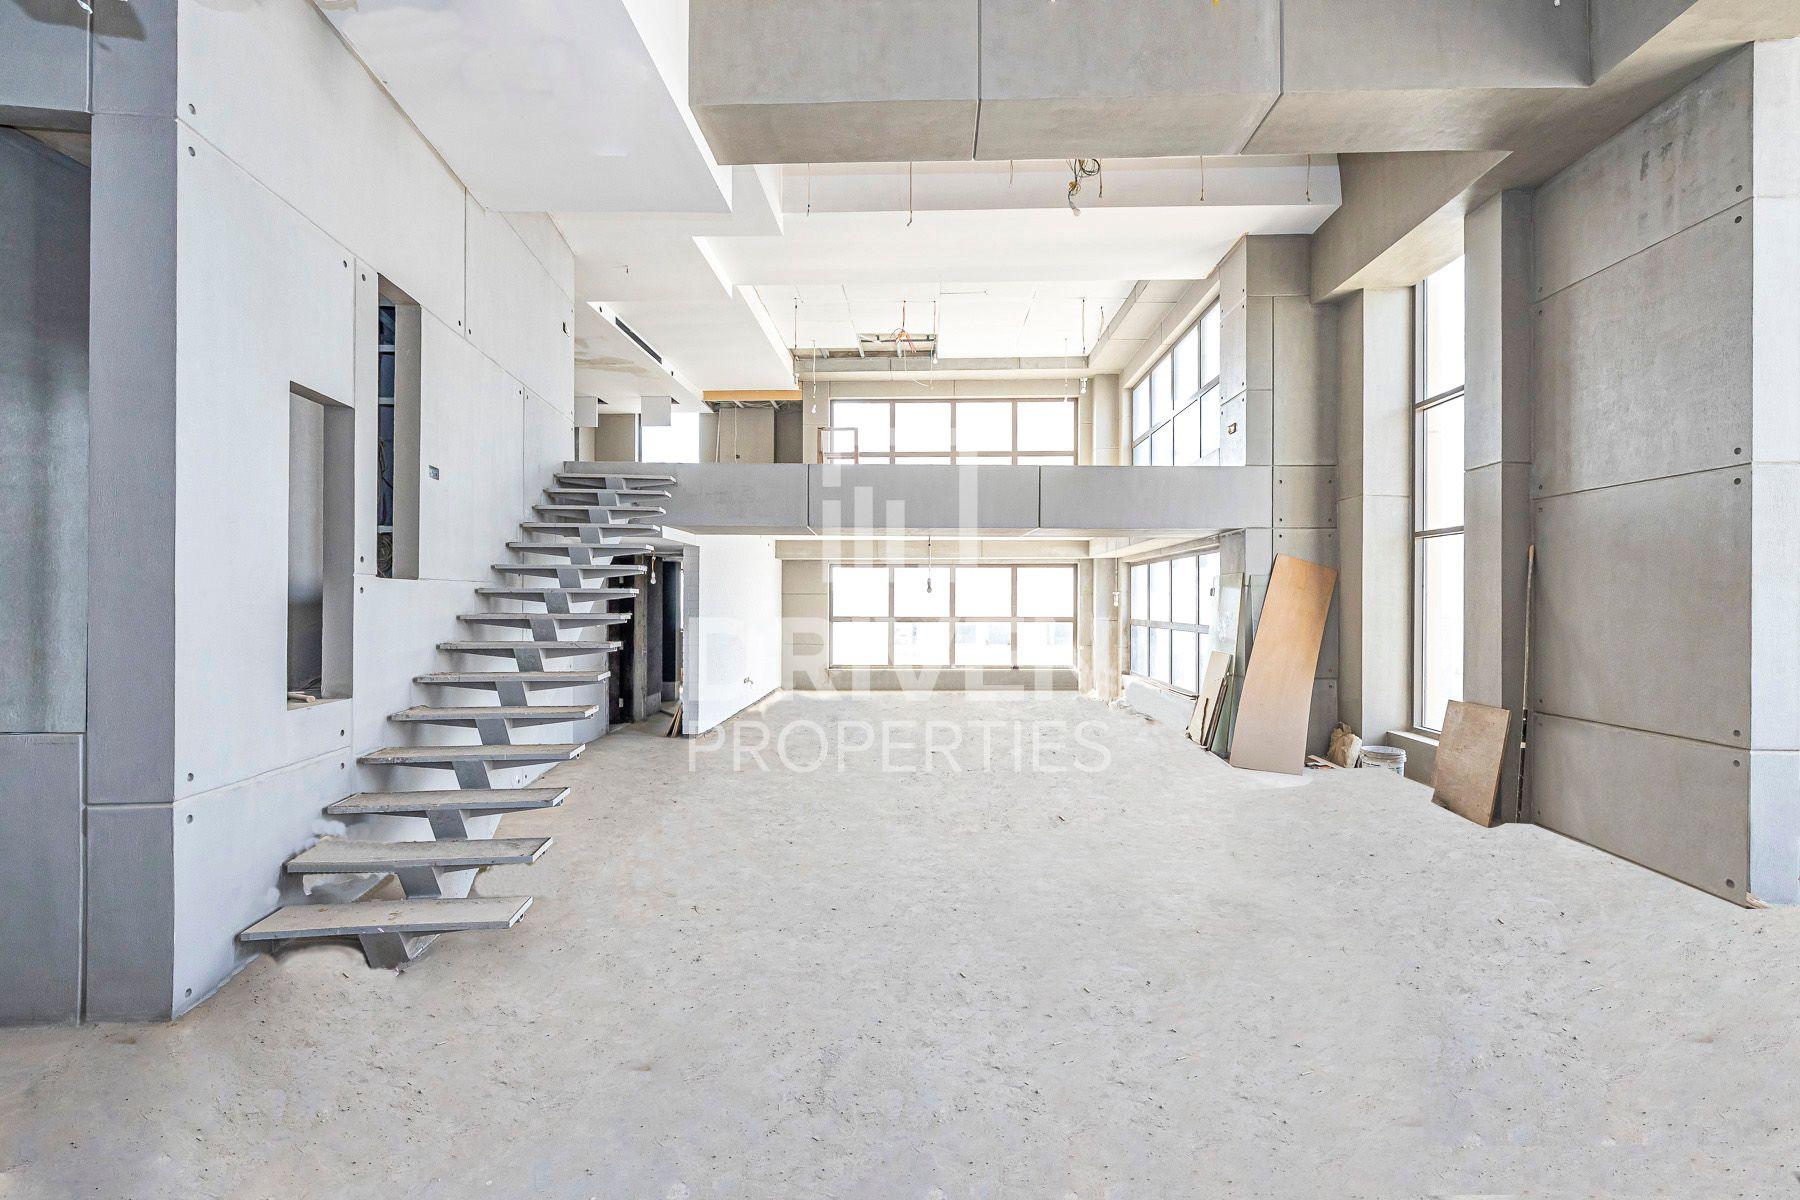 2,100 قدم مربع  شقة - للبيع - مساكن شاطئ الجميرا